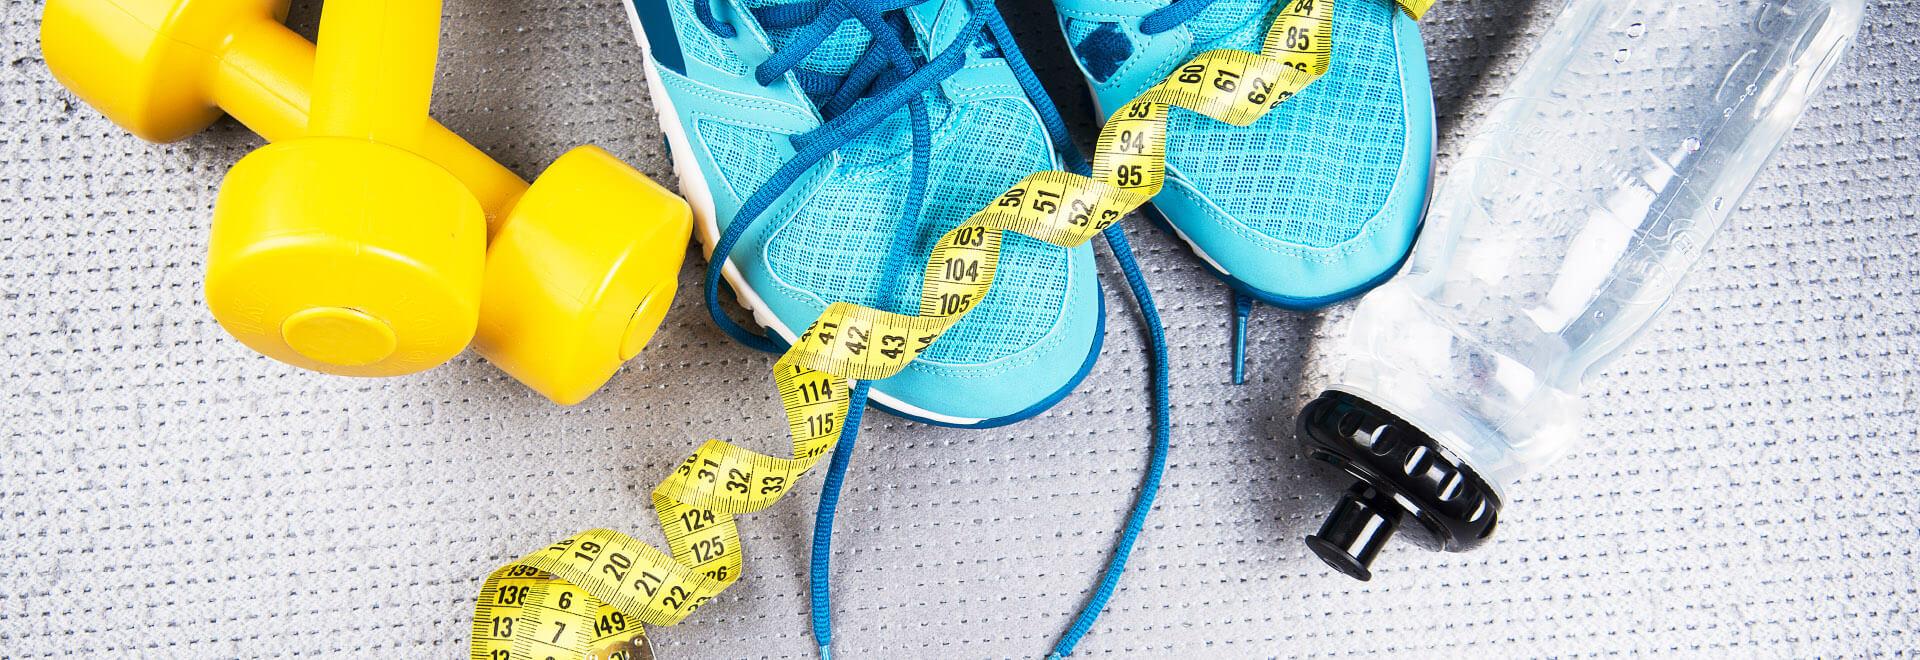 Jaki trening jest najlepszy na spalanie tkanki tłuszczowej?